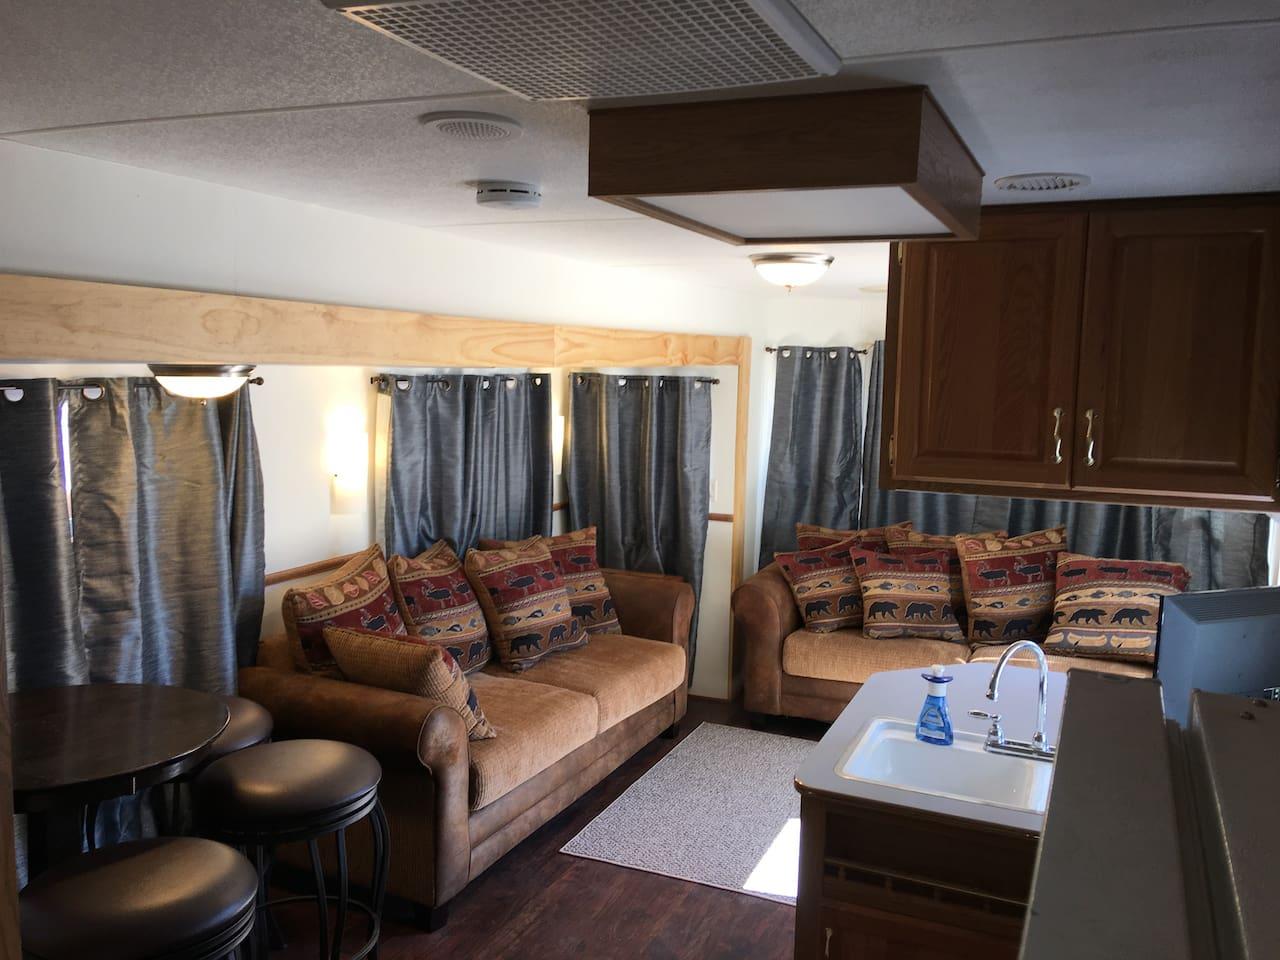 Deluxe Cabin living room